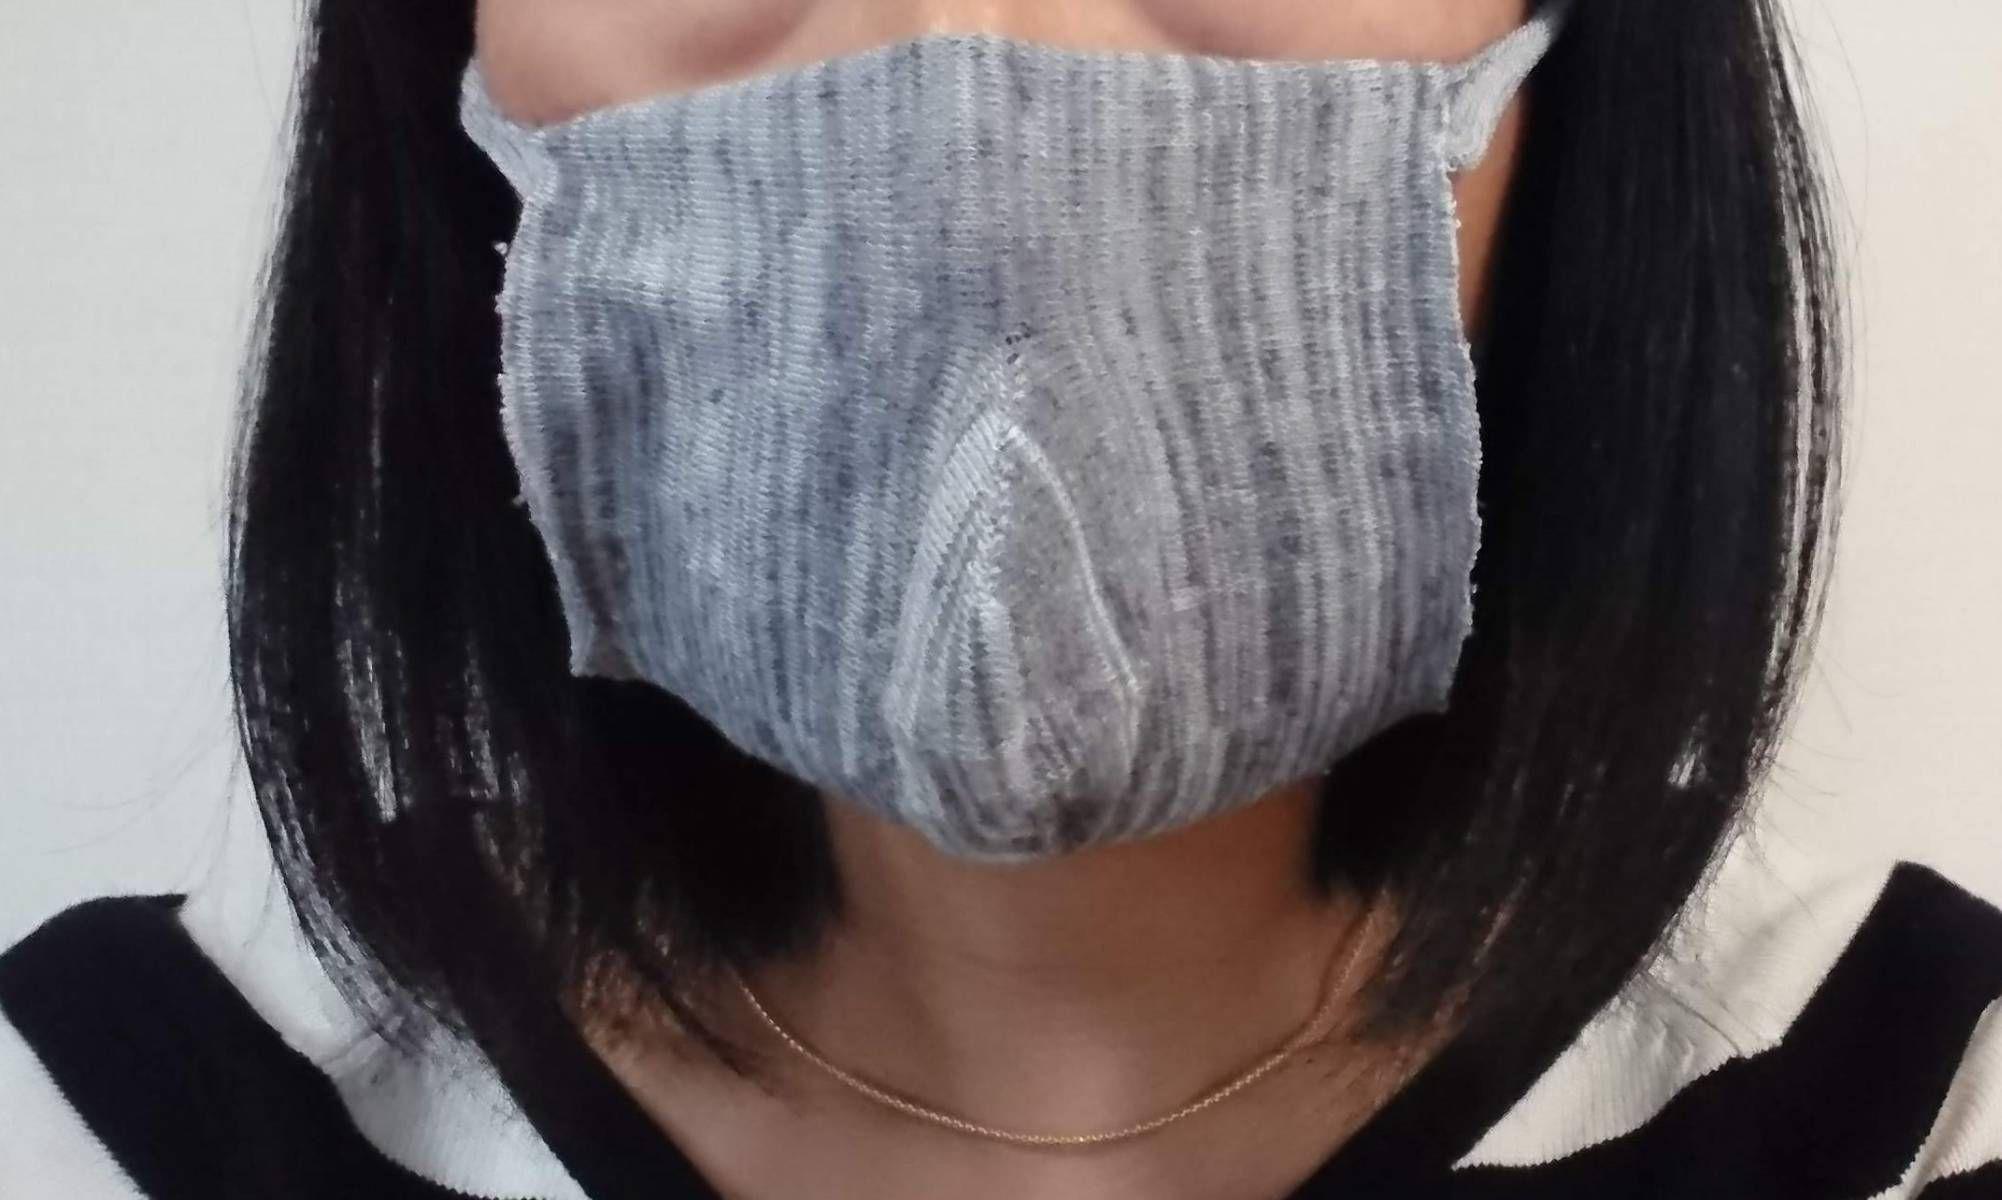 マスク 作り方 靴下